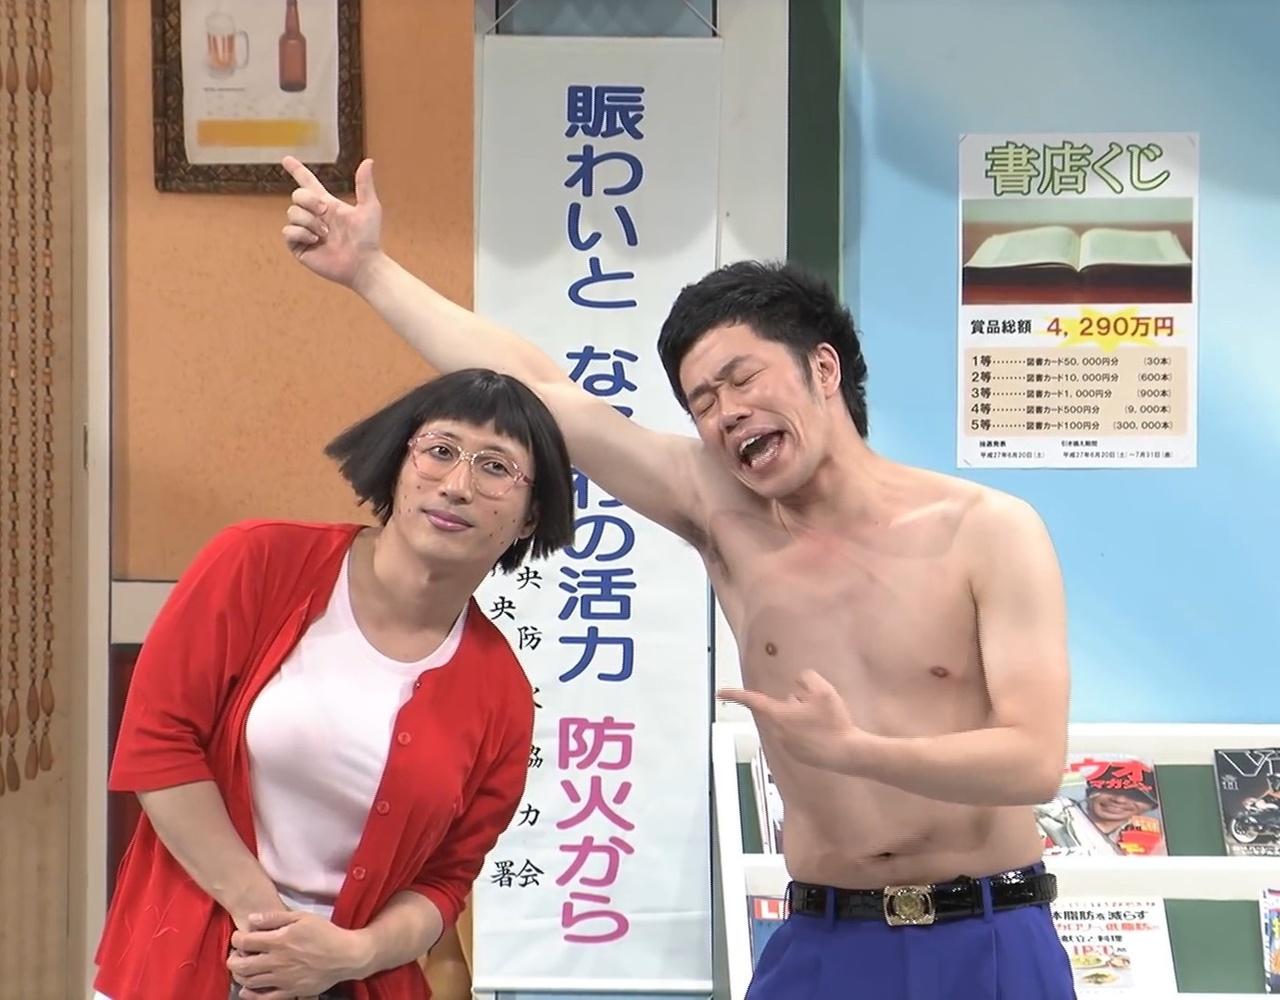 【吉本新喜剧】须知子和吉田裕的「要钻不要钻」讲座